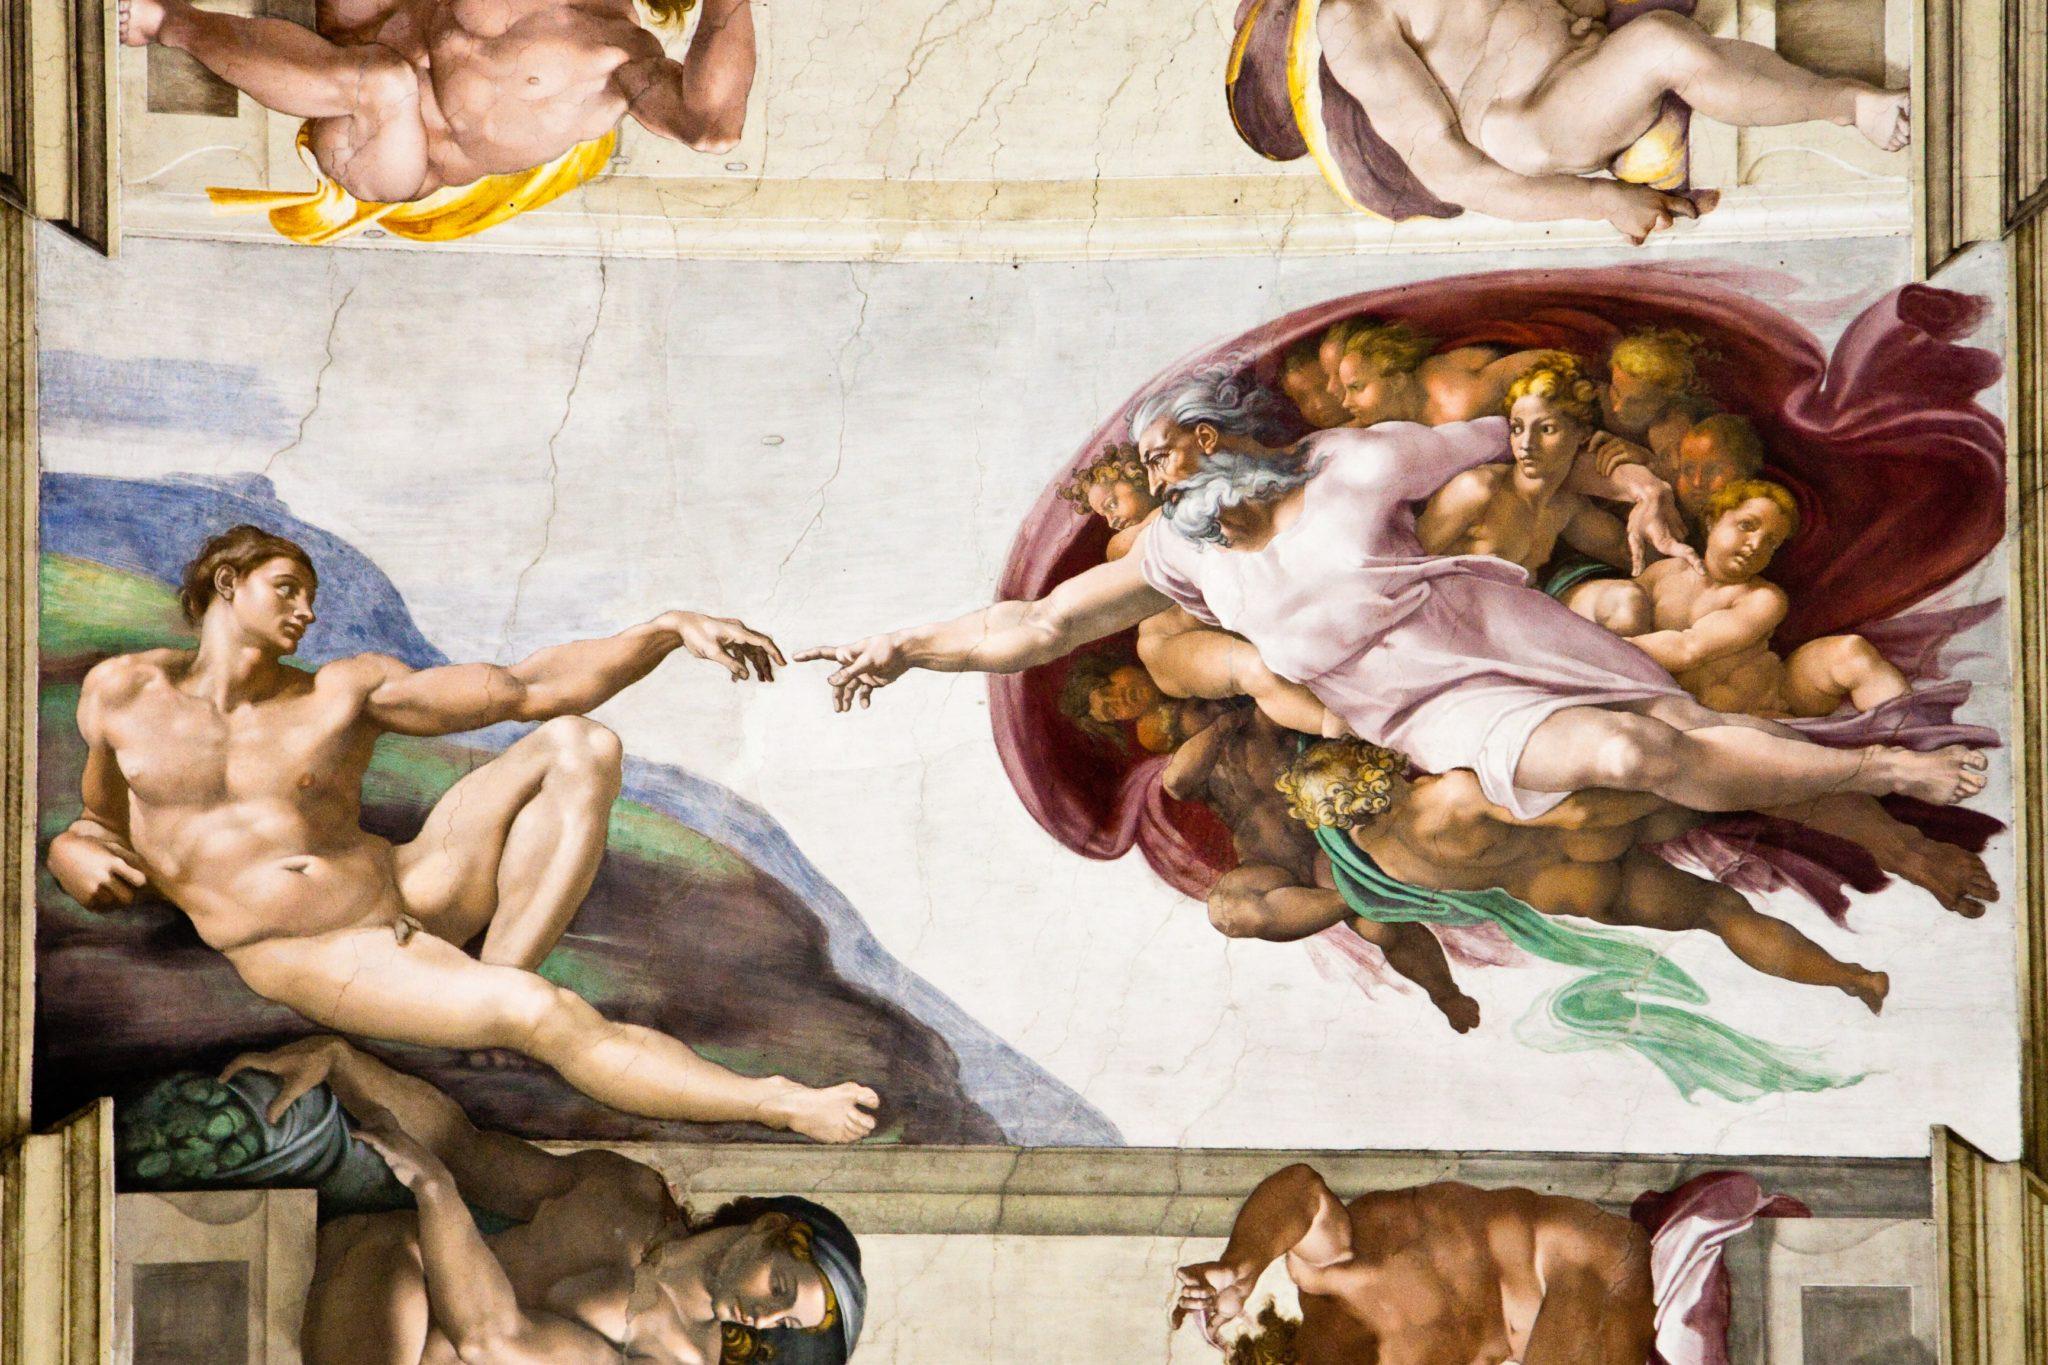 Stworzenie Adama fresk Michała Anioła w Kaplicy Sykstyńskiej w Watykanie